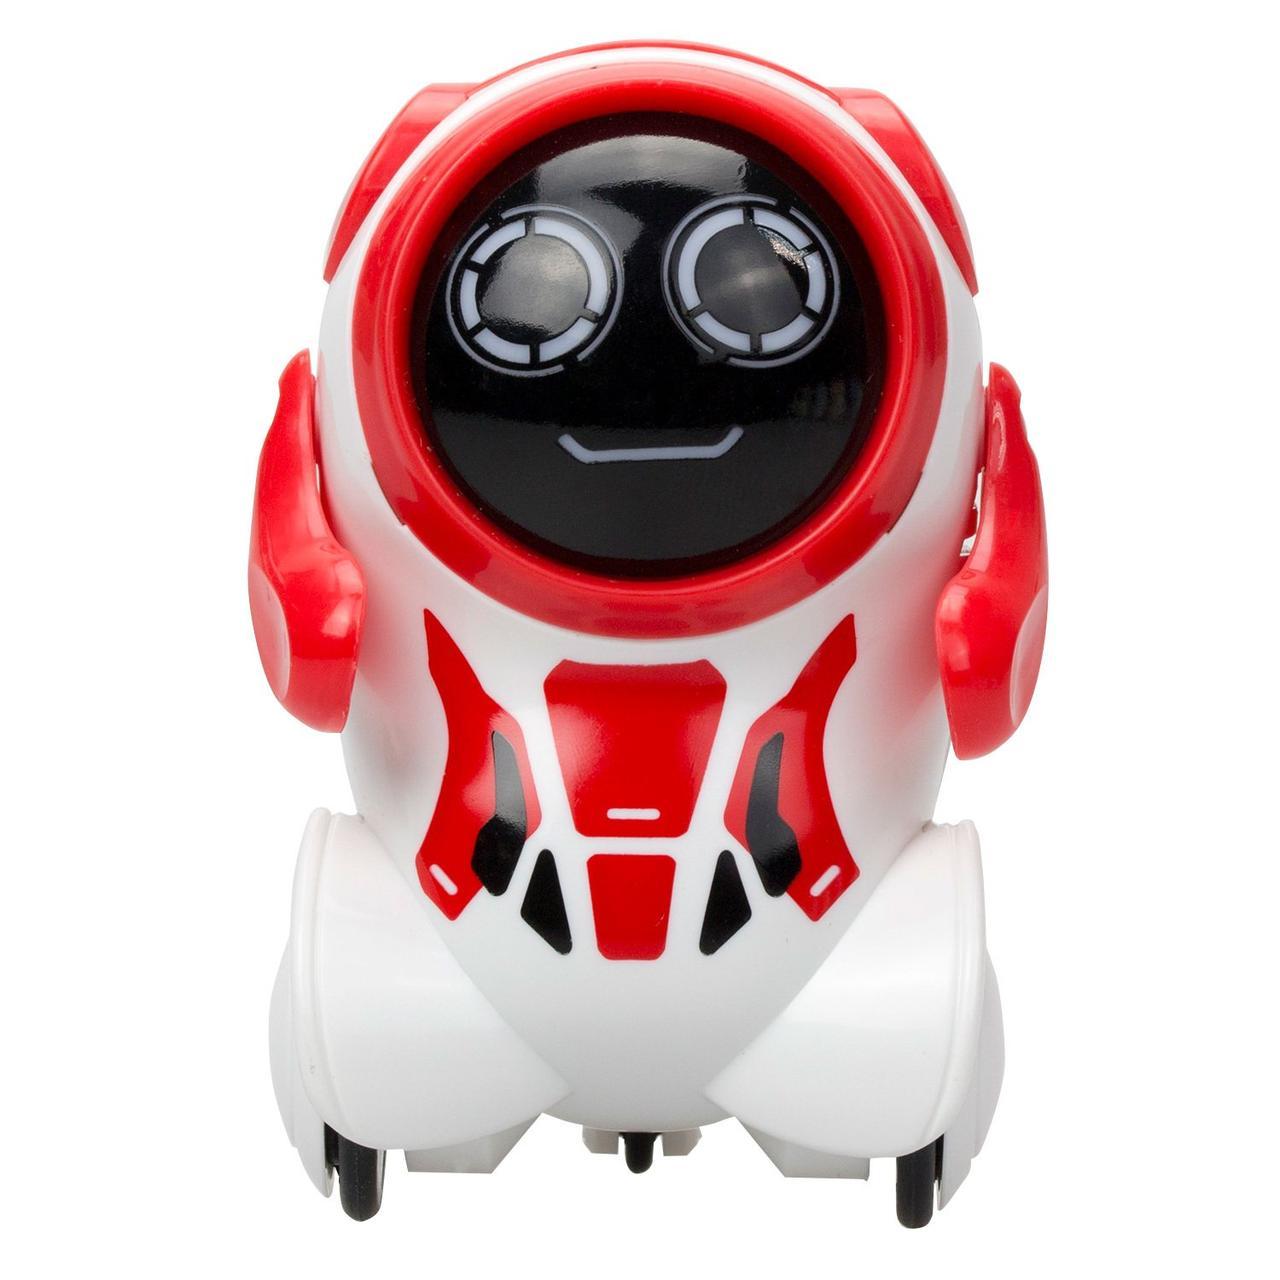 Silverlit Робот Покибот (Pokibot) - красный